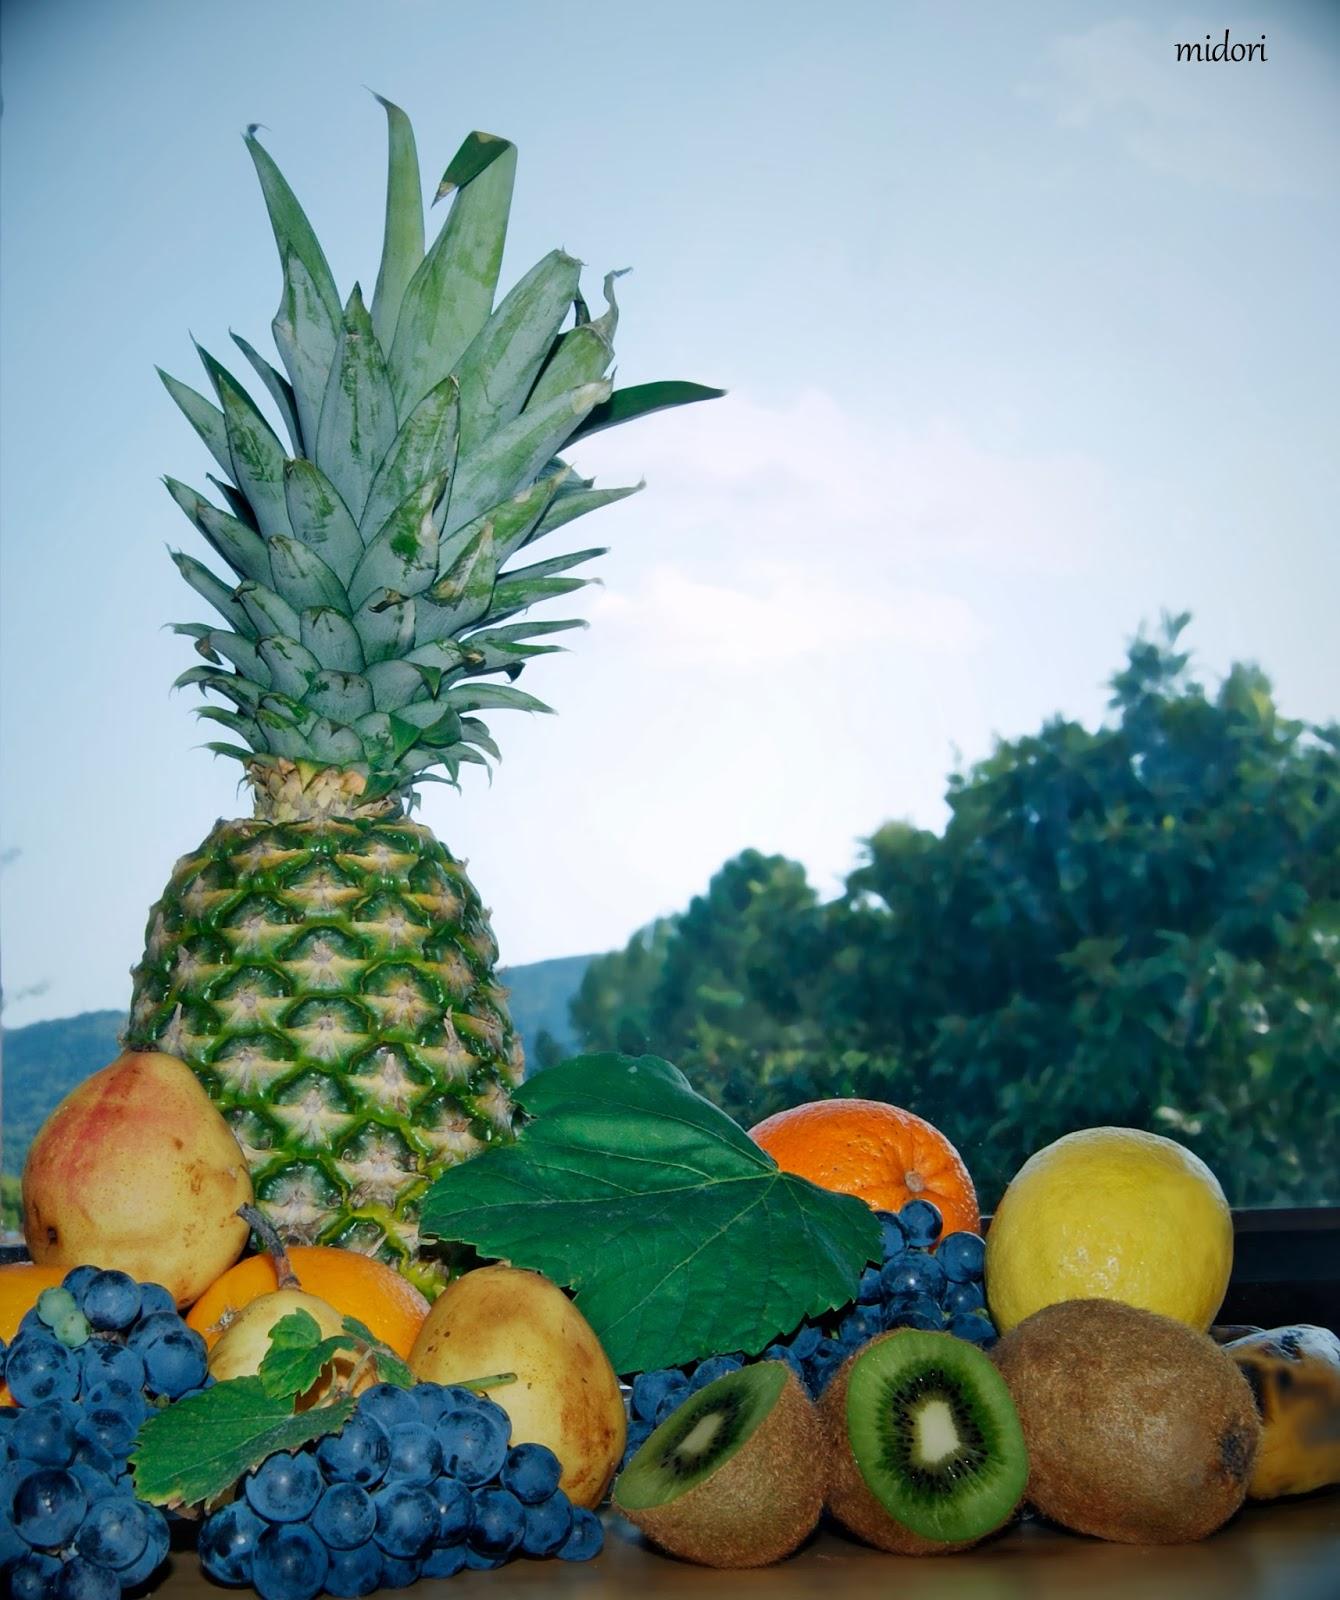 Fruita fresca